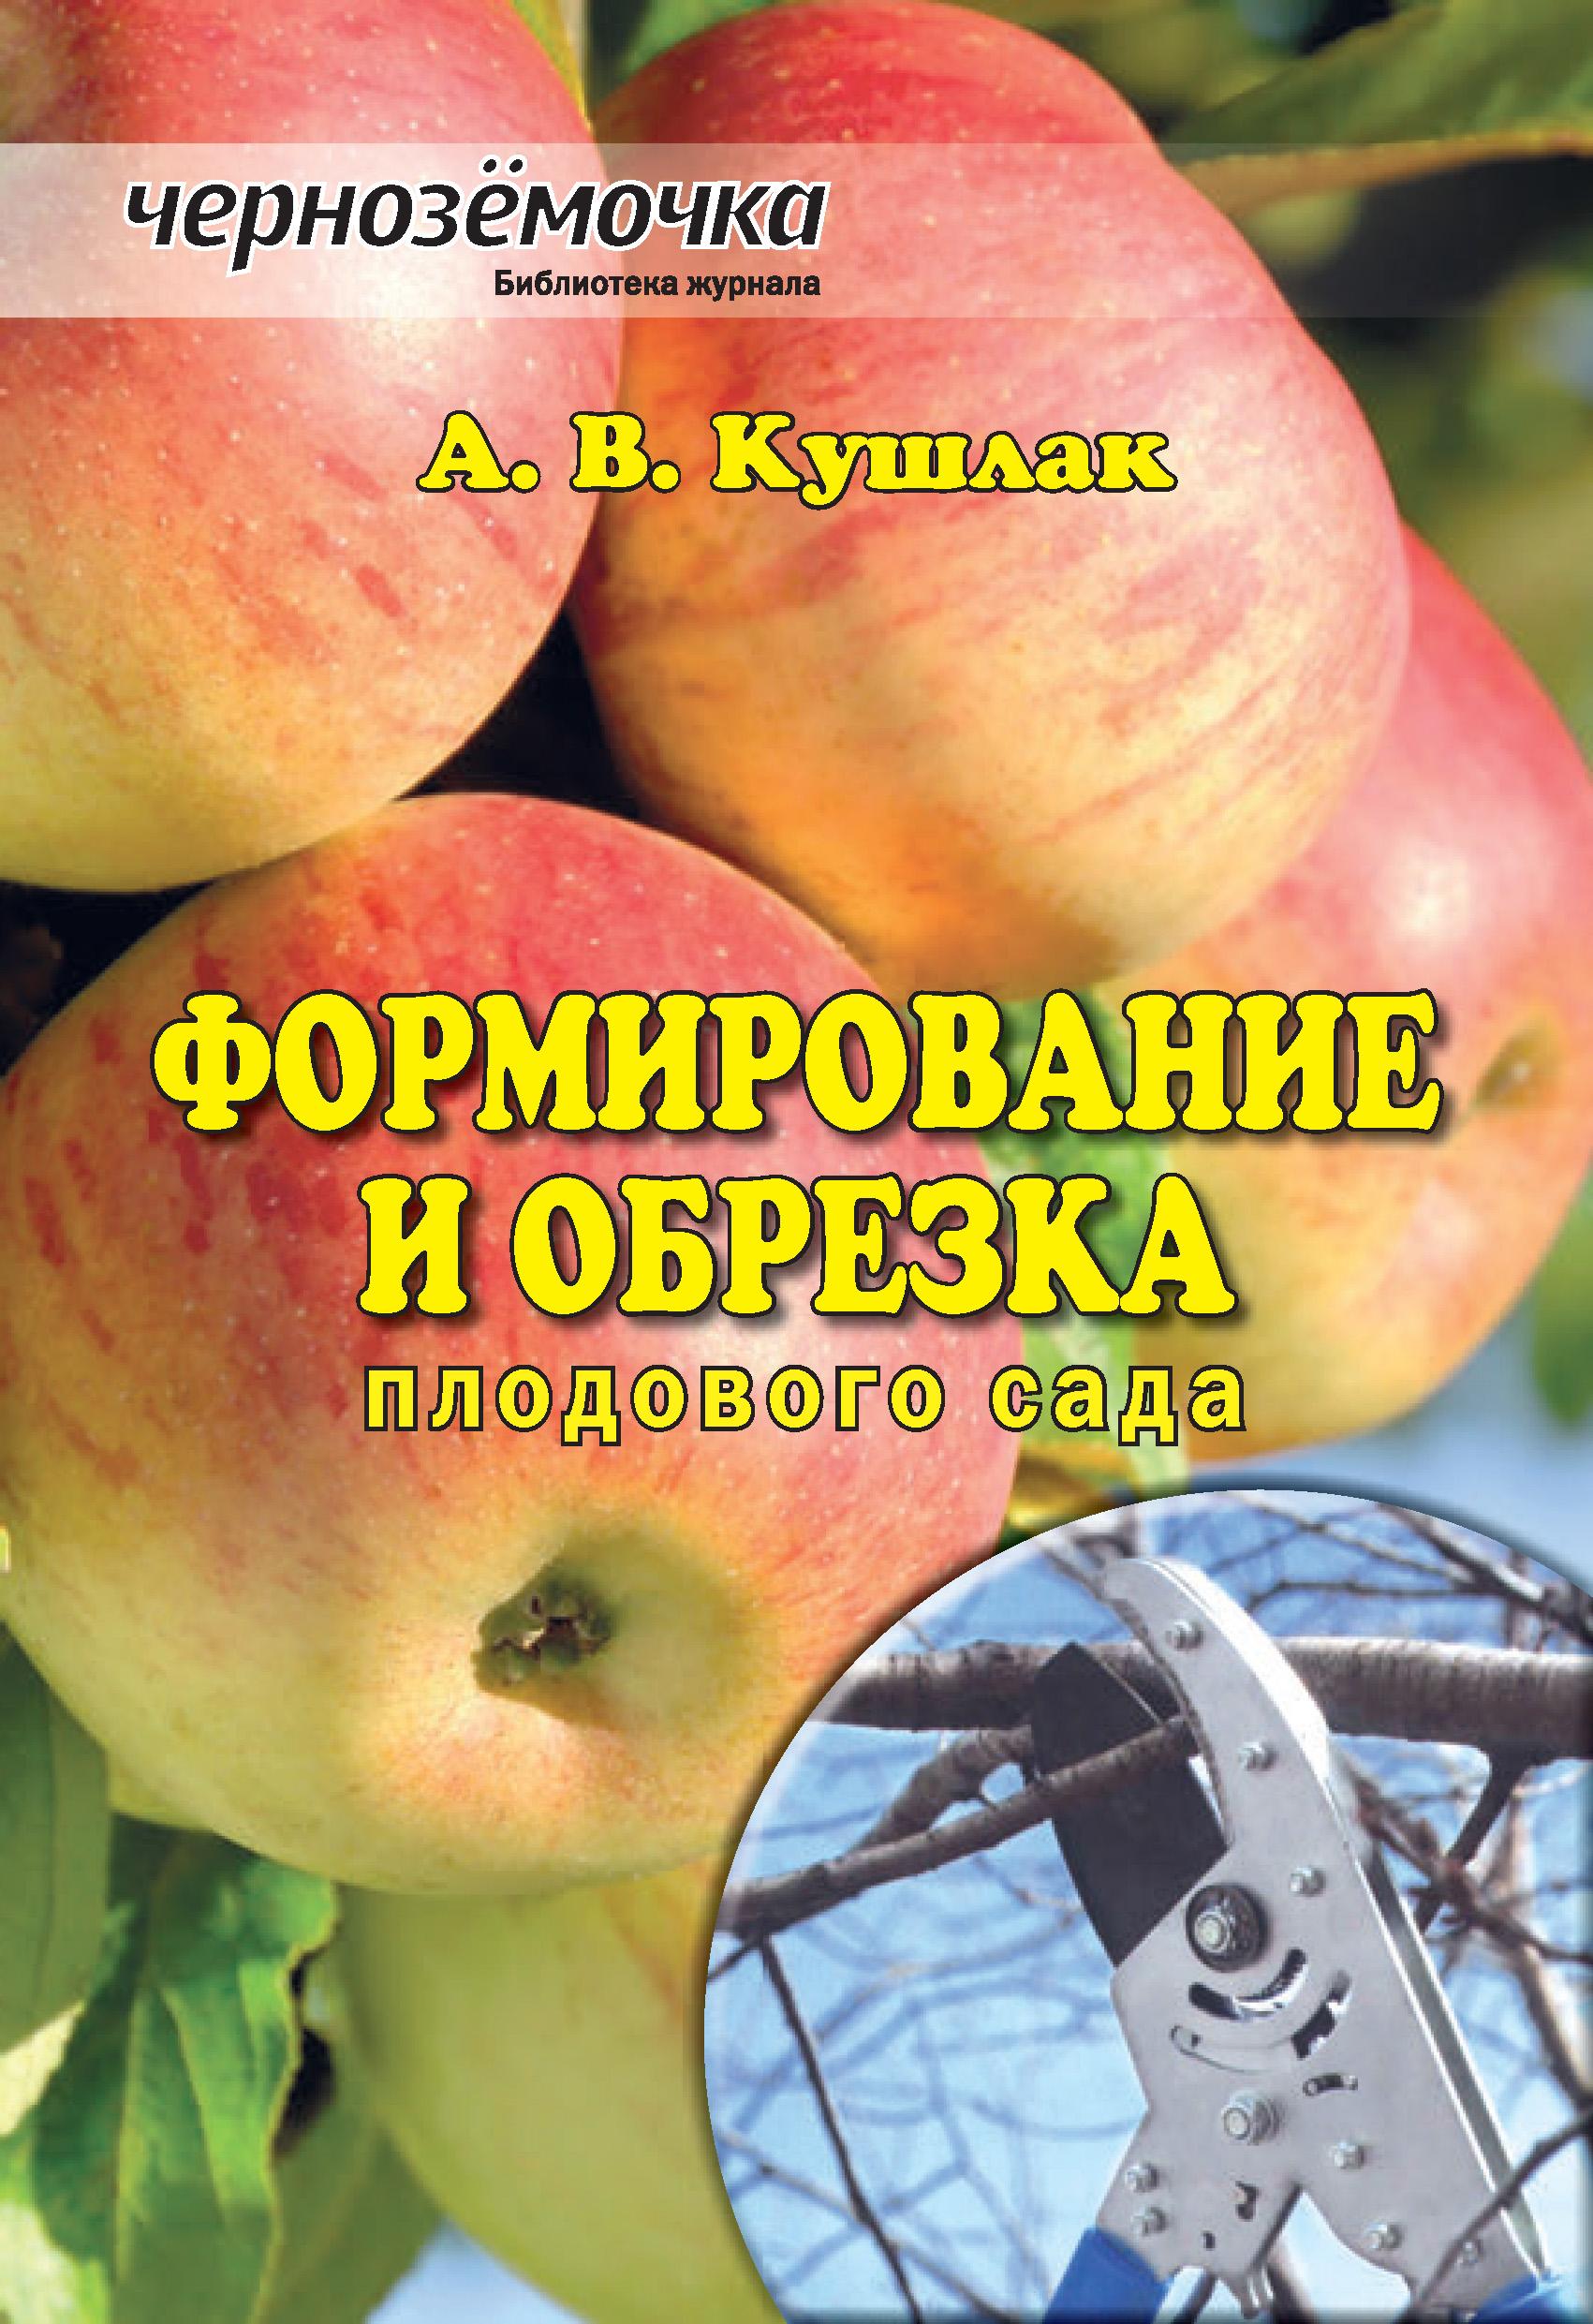 А. В. Кушлак Формирование и обрезка плодового сада плодовые саженцы в волгограде